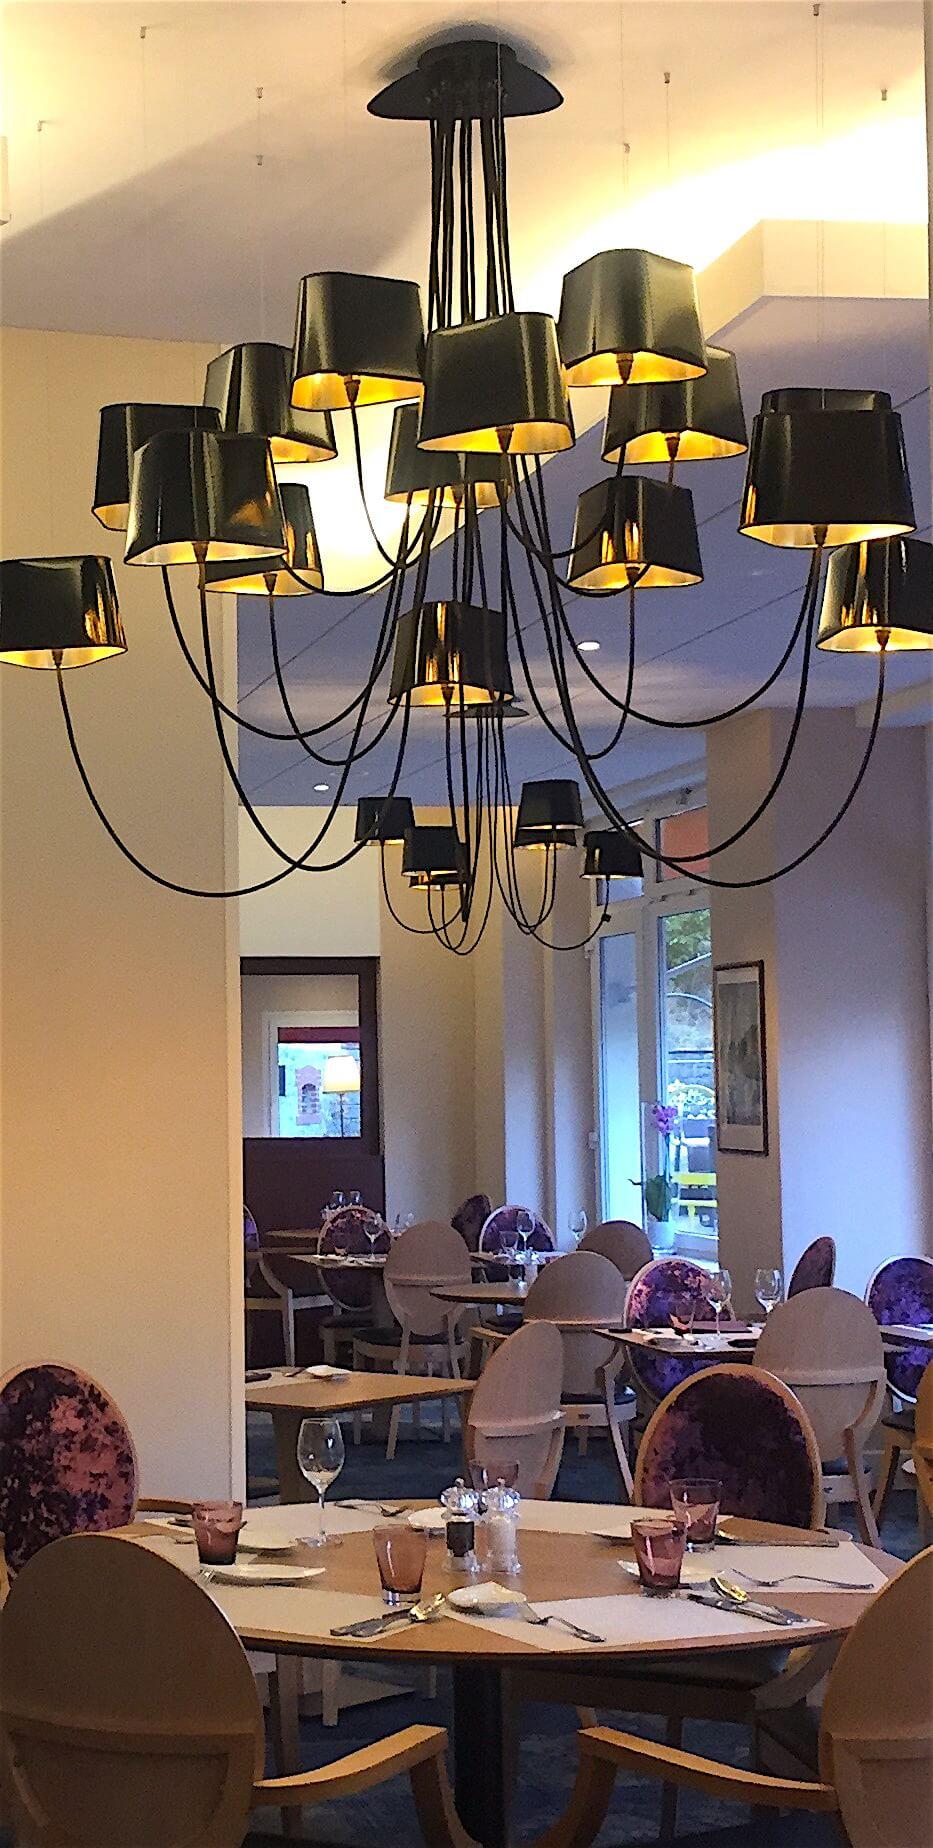 dimitri-danger-architecte-interieur-hotel-restaurant-roc-au-chien-11